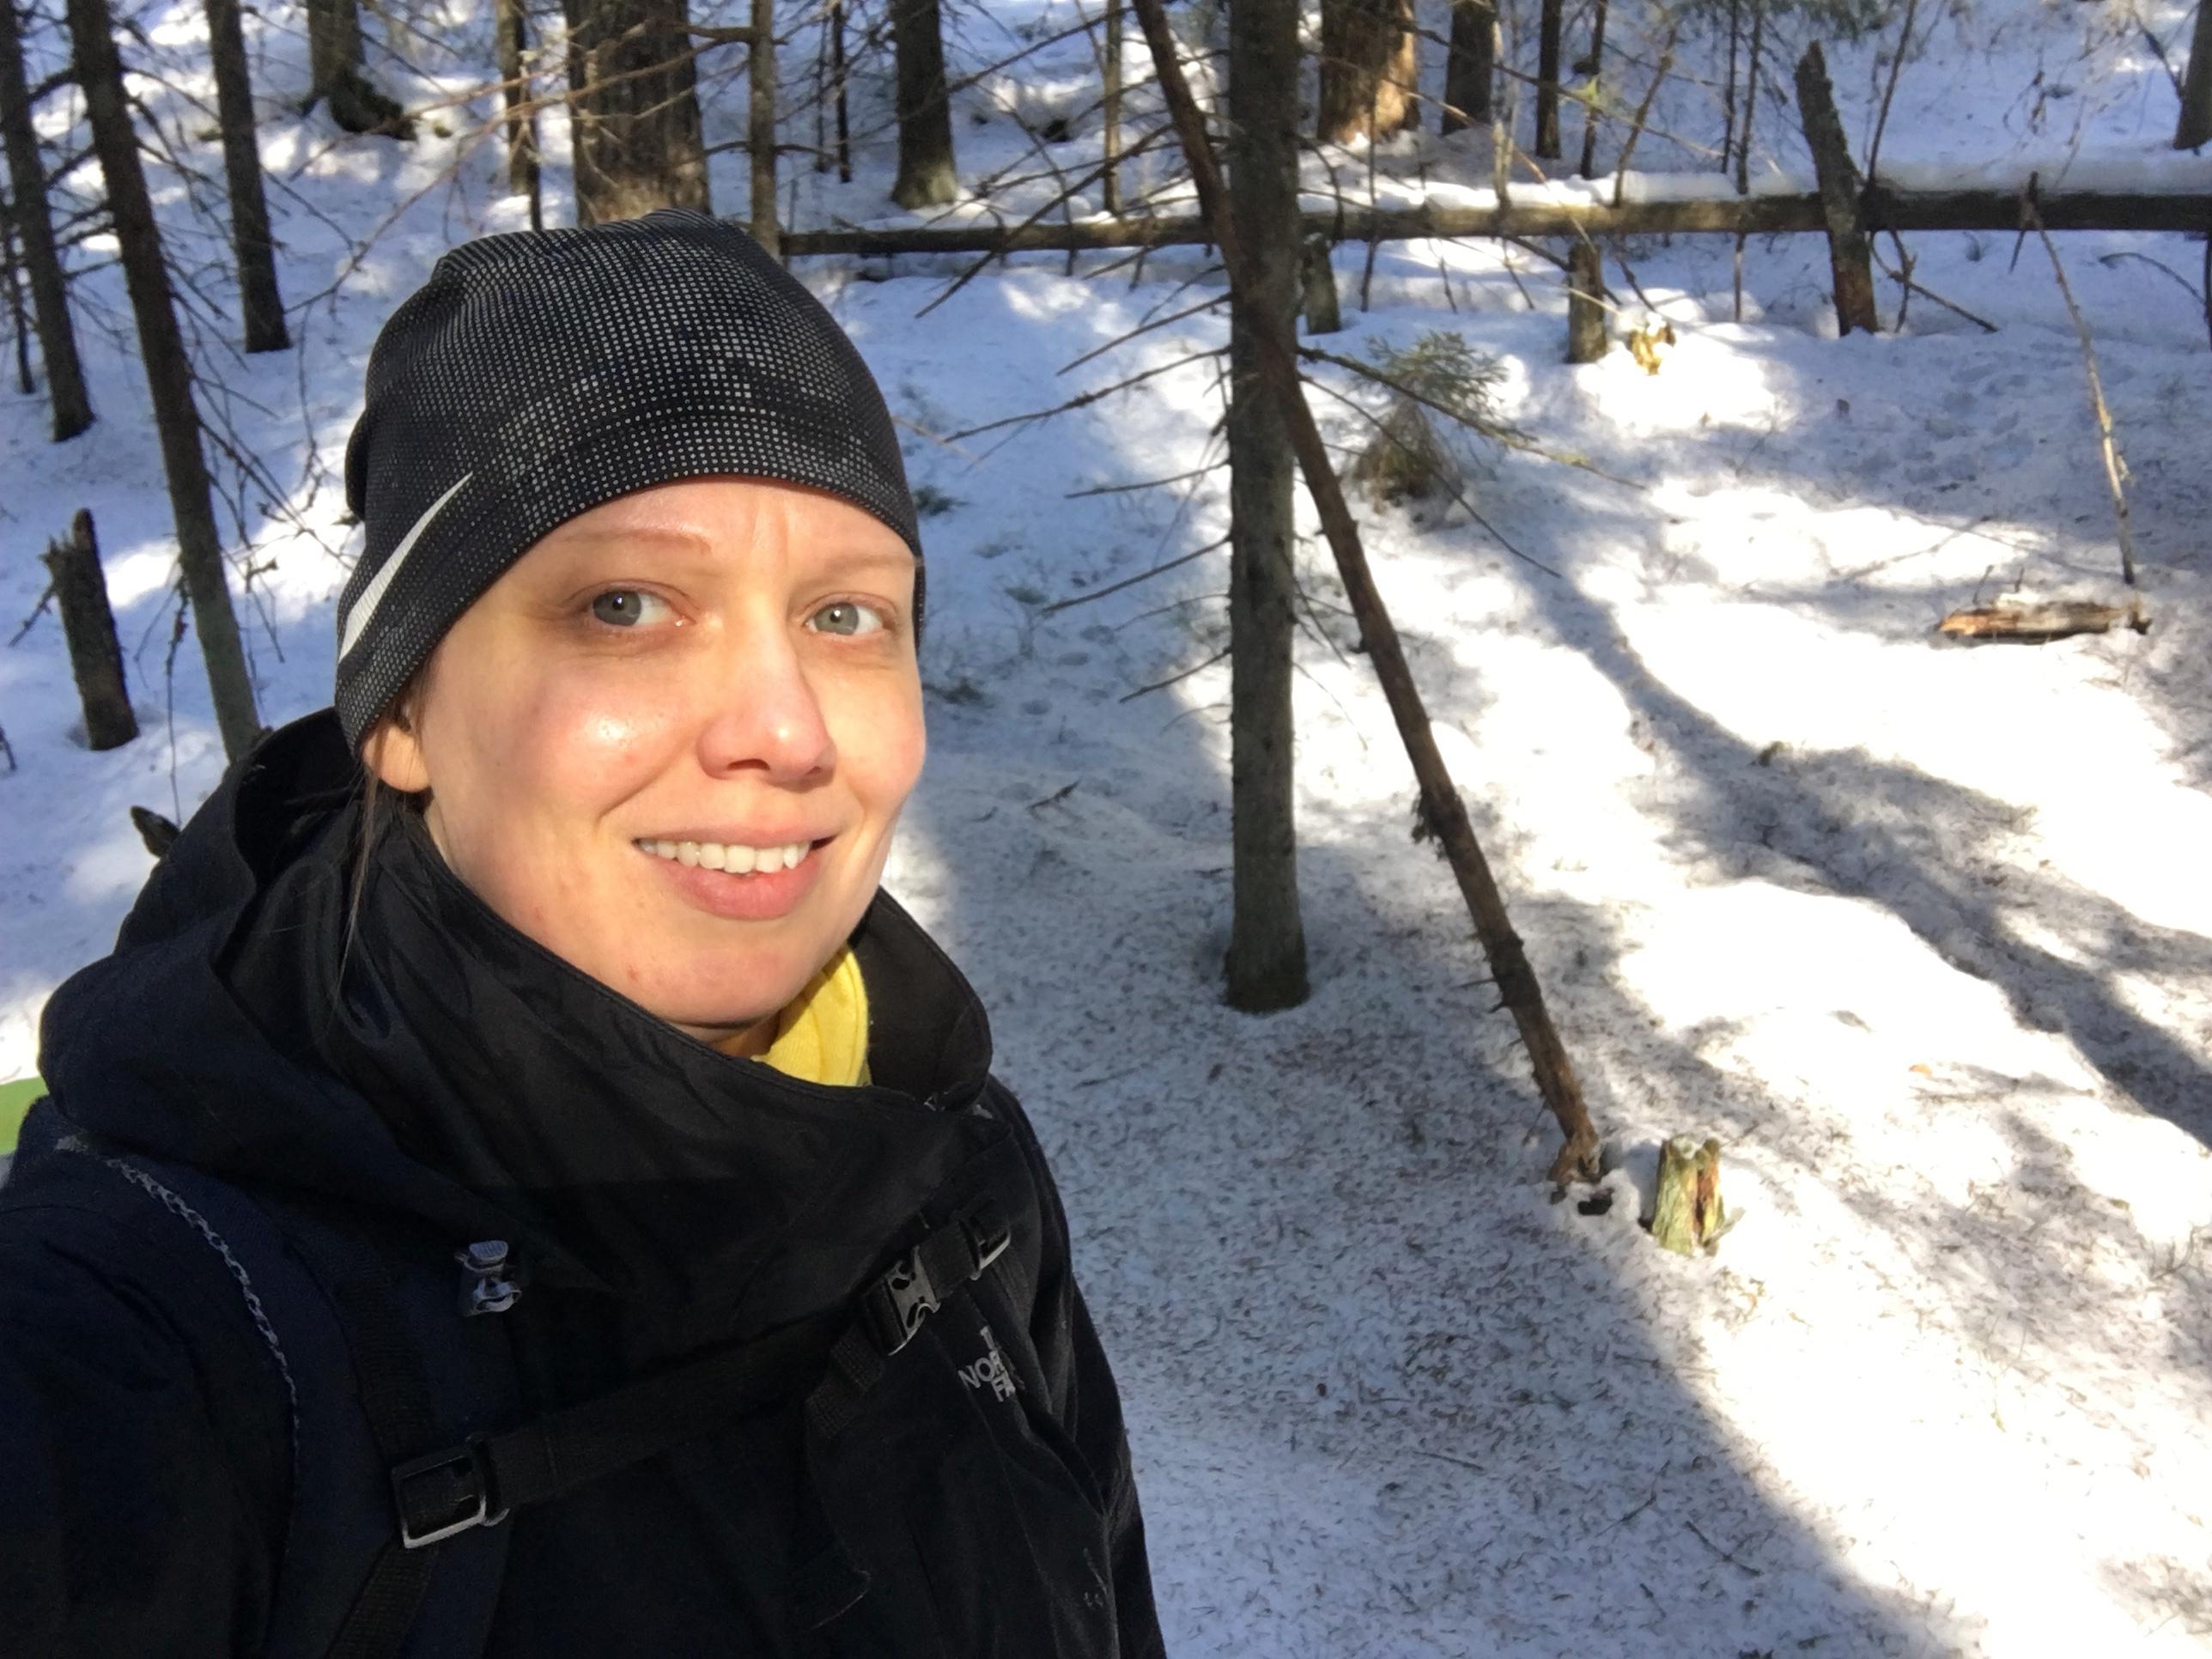 Blogin kirjoittaja Virva Nuuksiossa maaliskuussa 2018